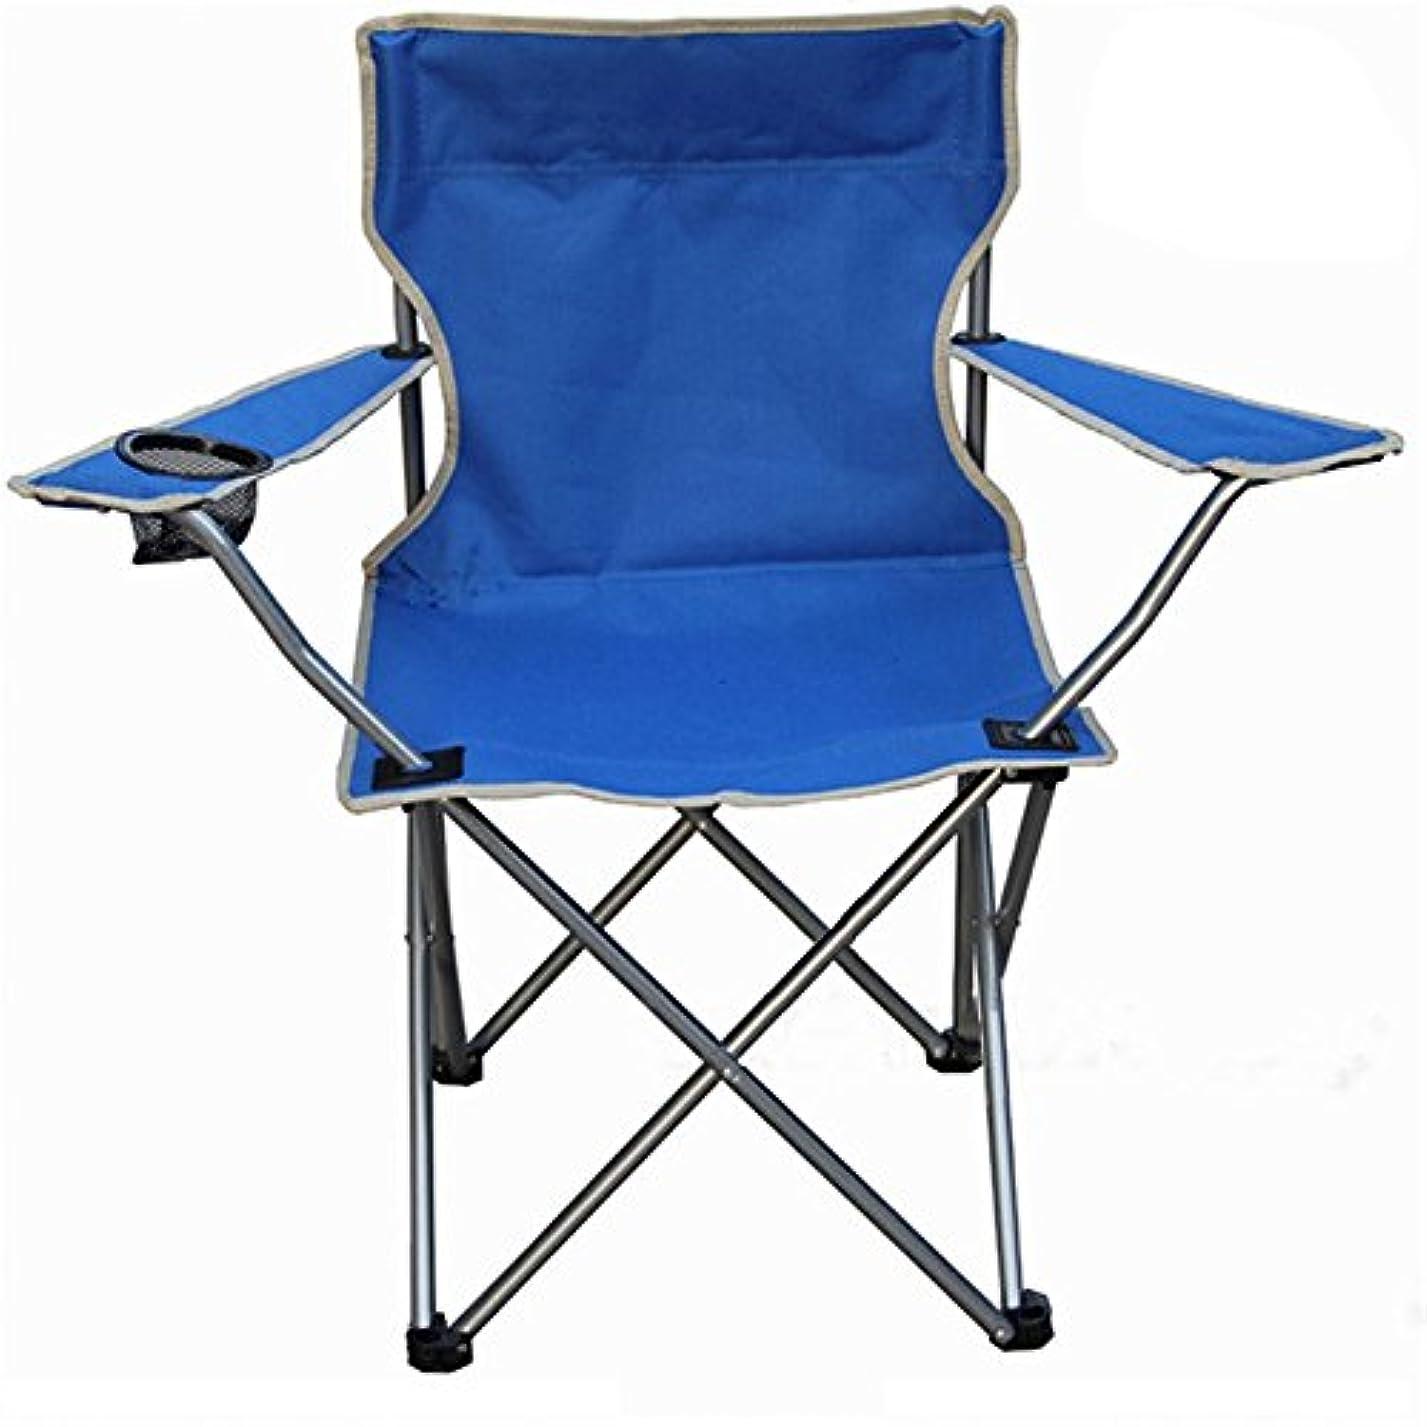 ロイヤリティ共和国なので折りたたみ椅子 多機能屋外大型折りたたみチェアアームレストチェアポータブル釣りキャンプチェア